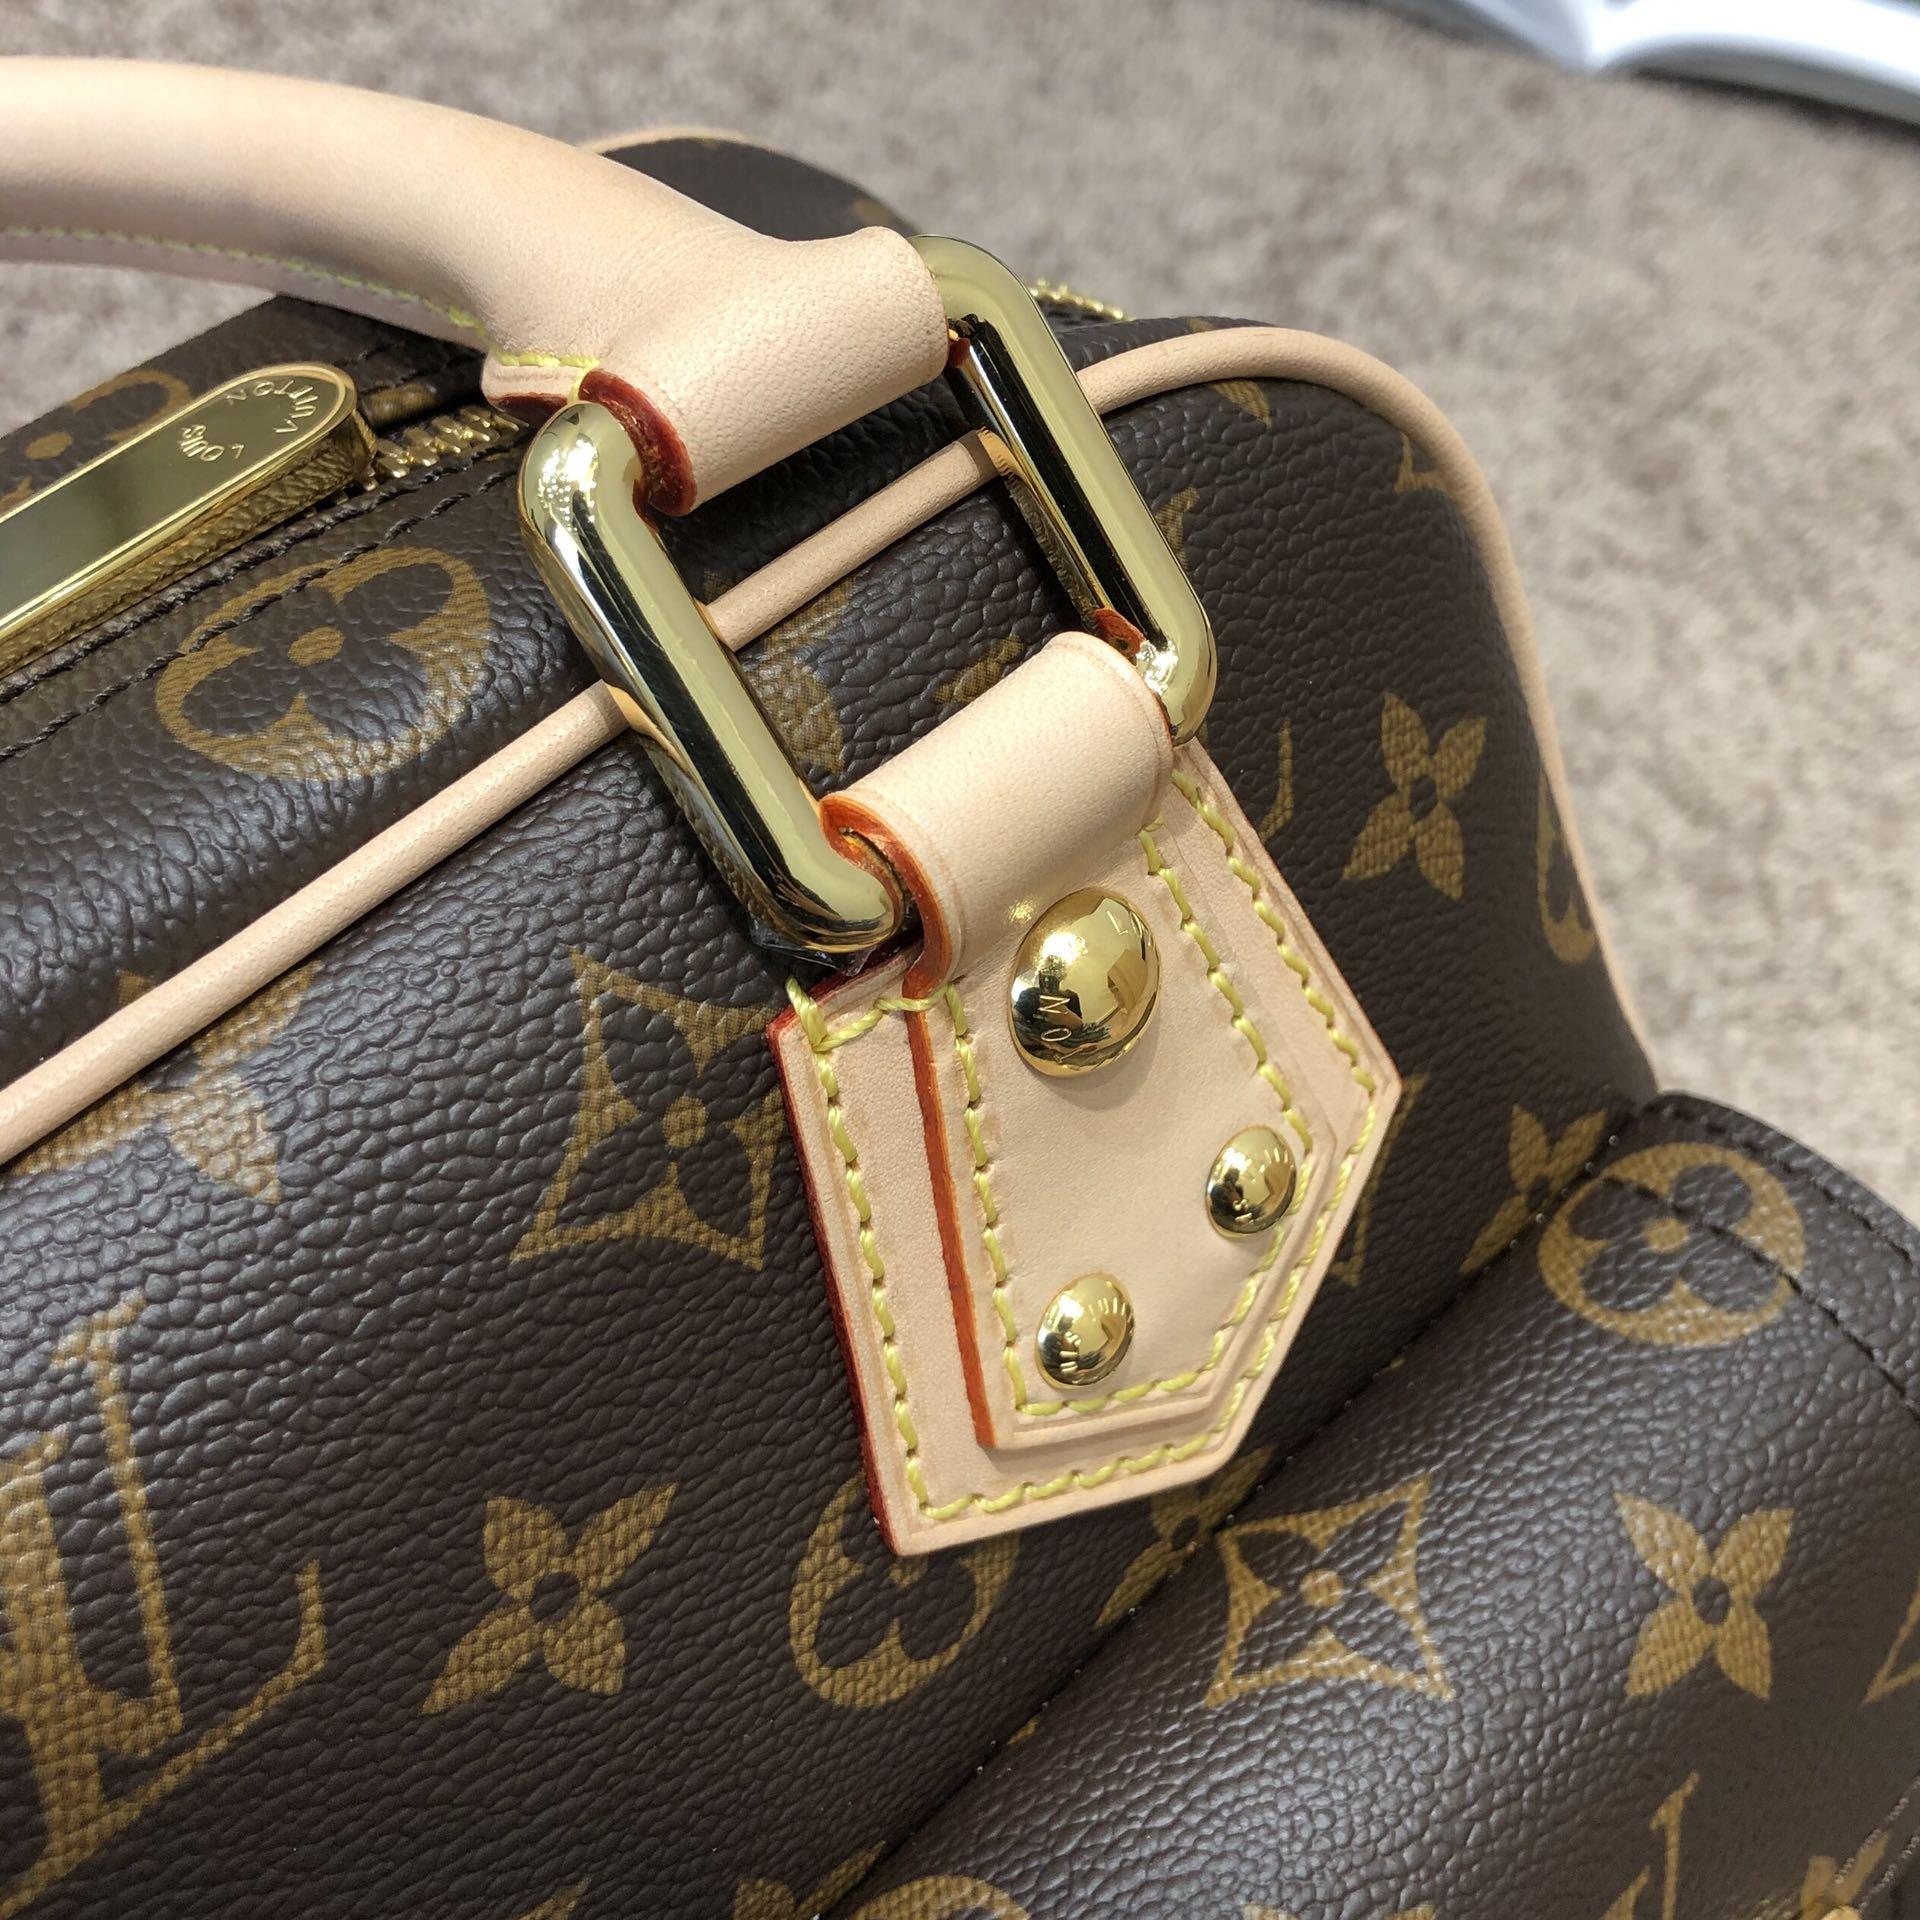 【¥1320】LV中古老花款手提包45371 绝版的精品 经得起市场挑剔的考验